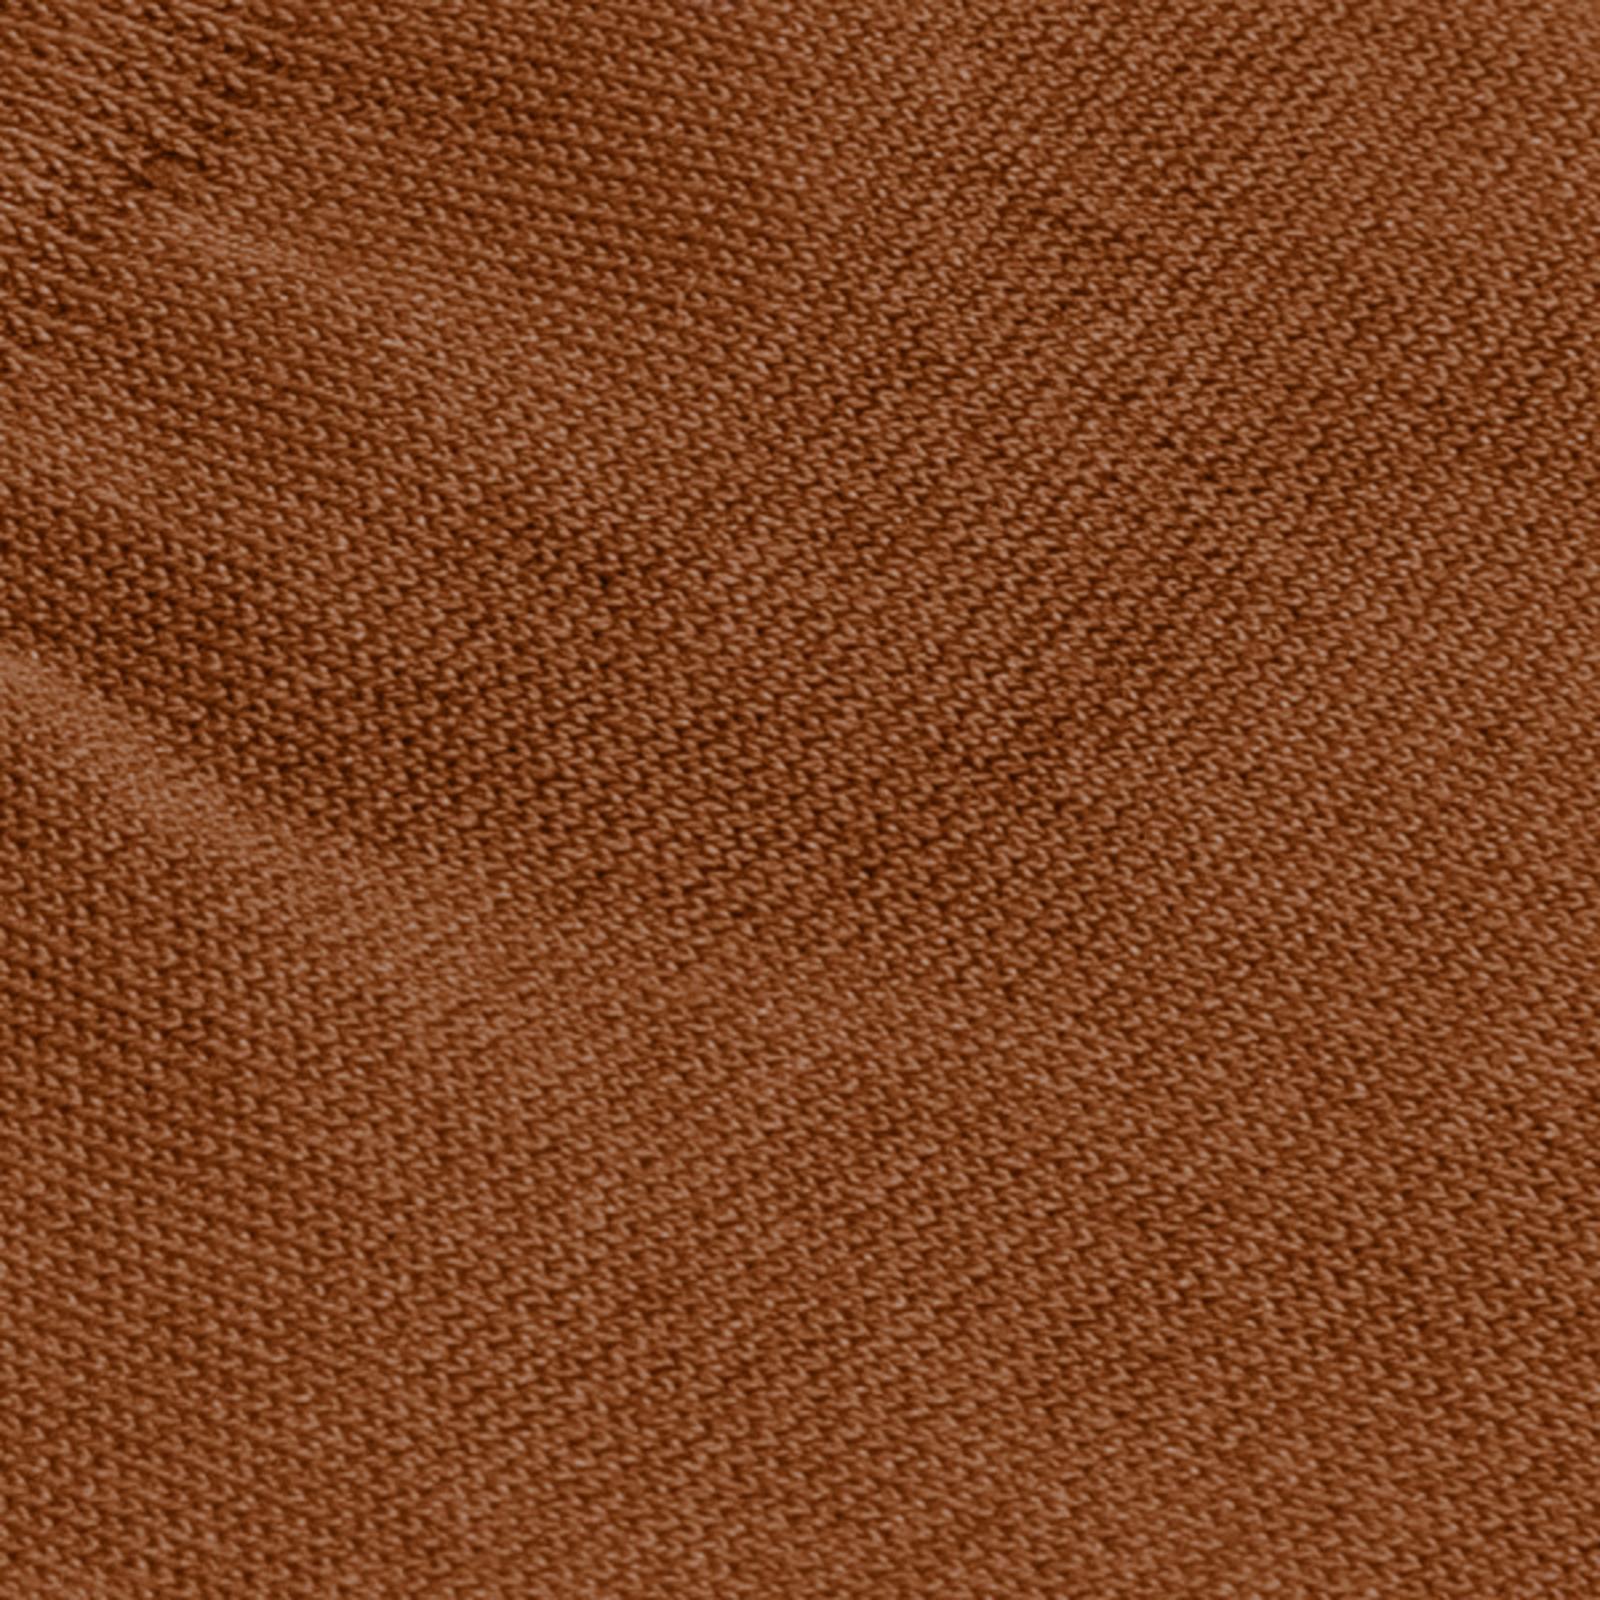 Carlo Lanza Cognac/camel socks cotton